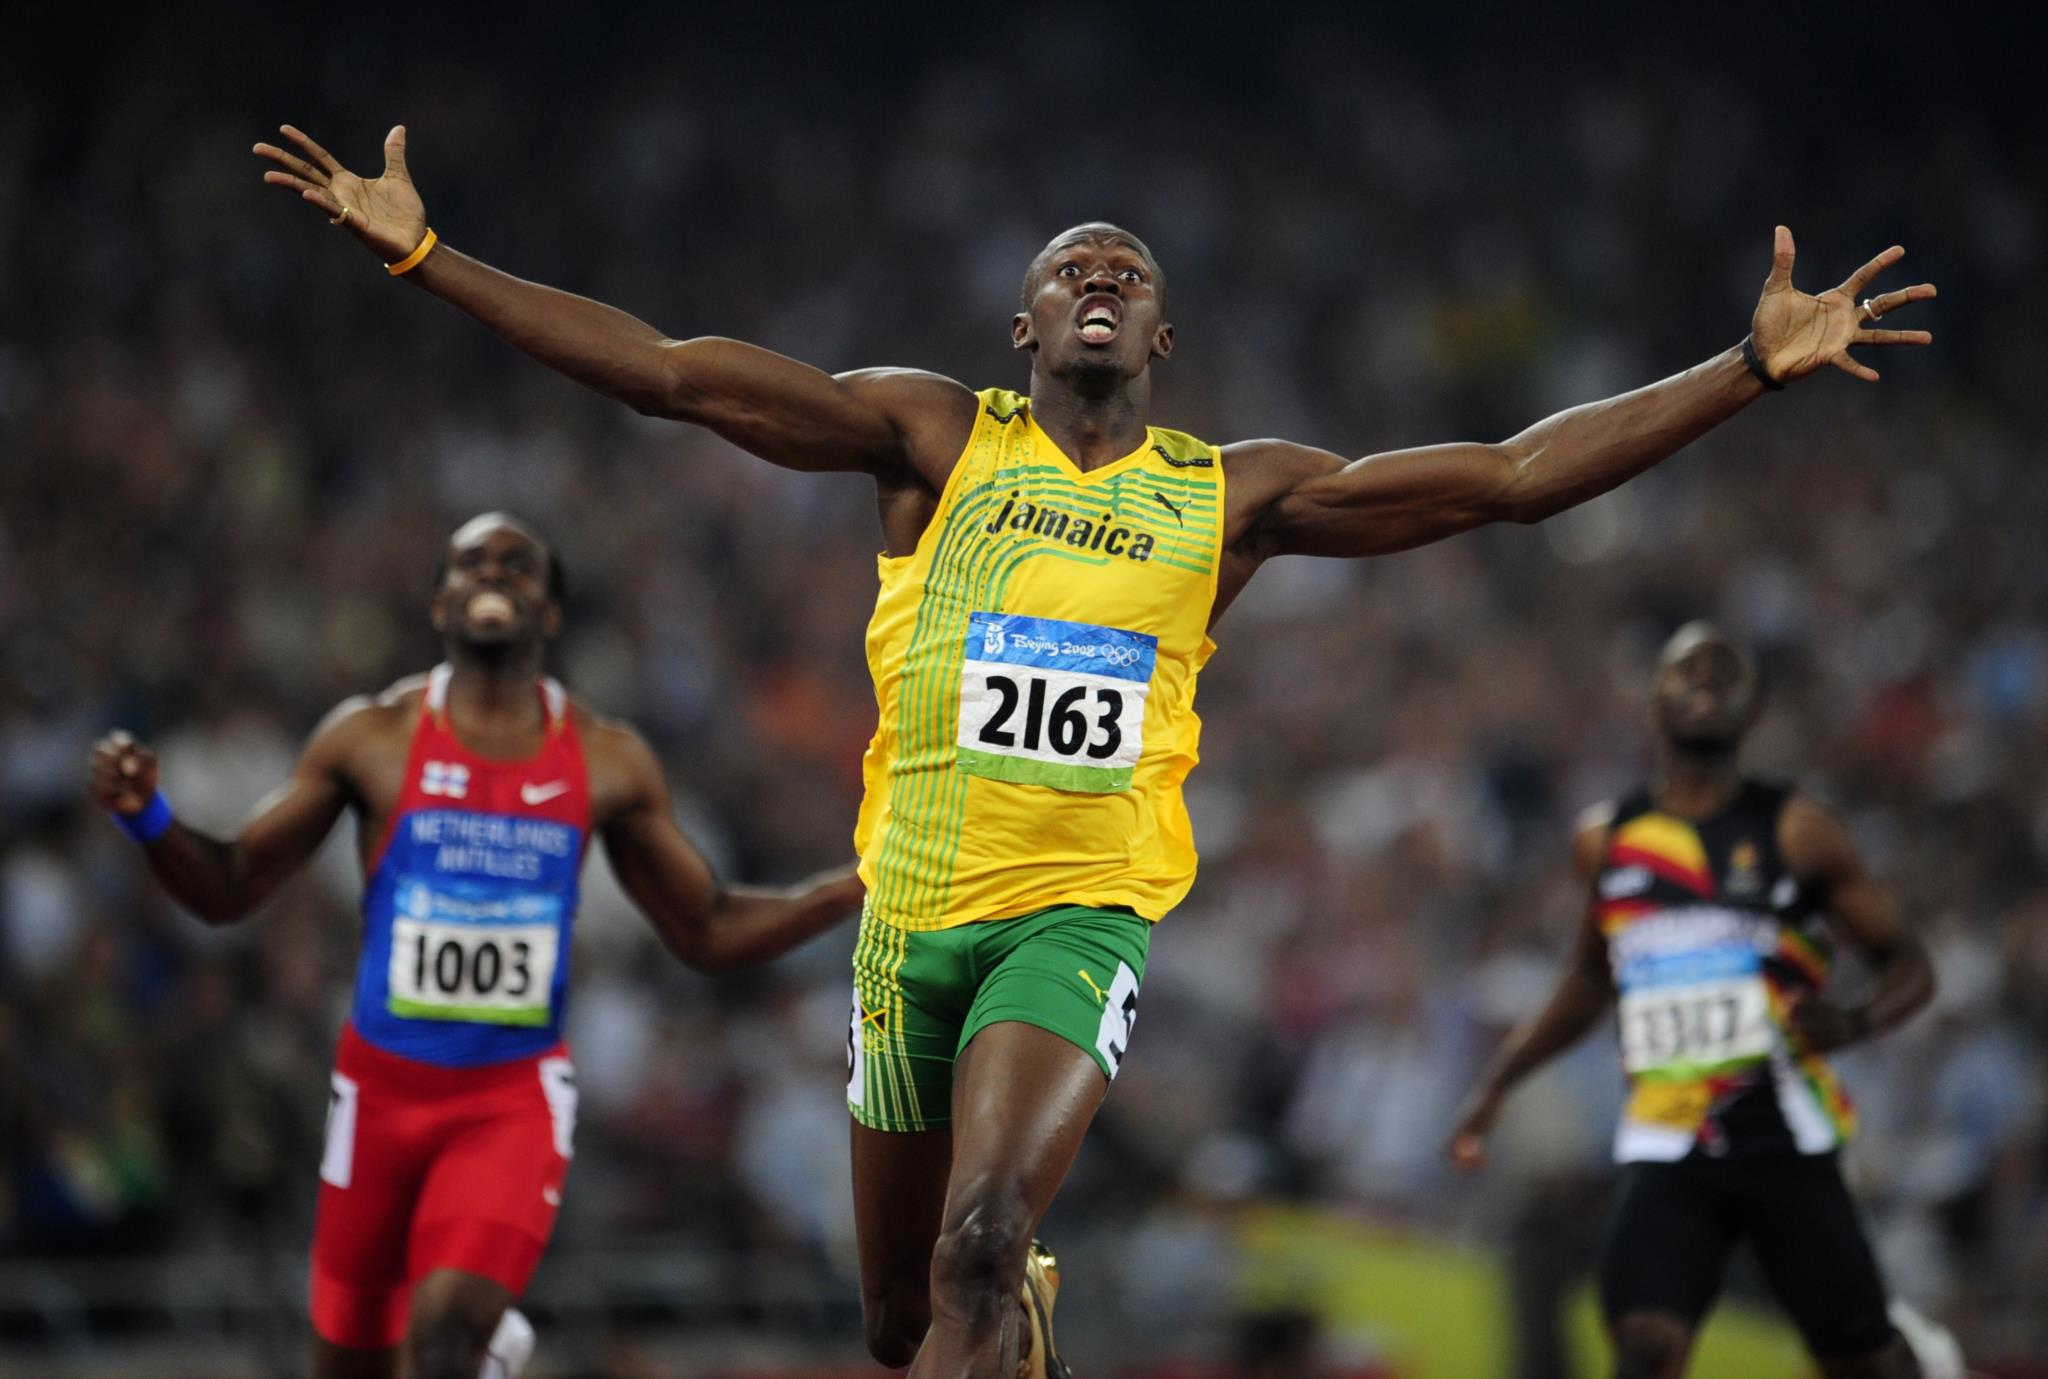 Prova dos 200m, nos Jogos Olímpicos de Pequim, quando Usain Bolt estabeleceu um novo recorde mundial com 19,30s.